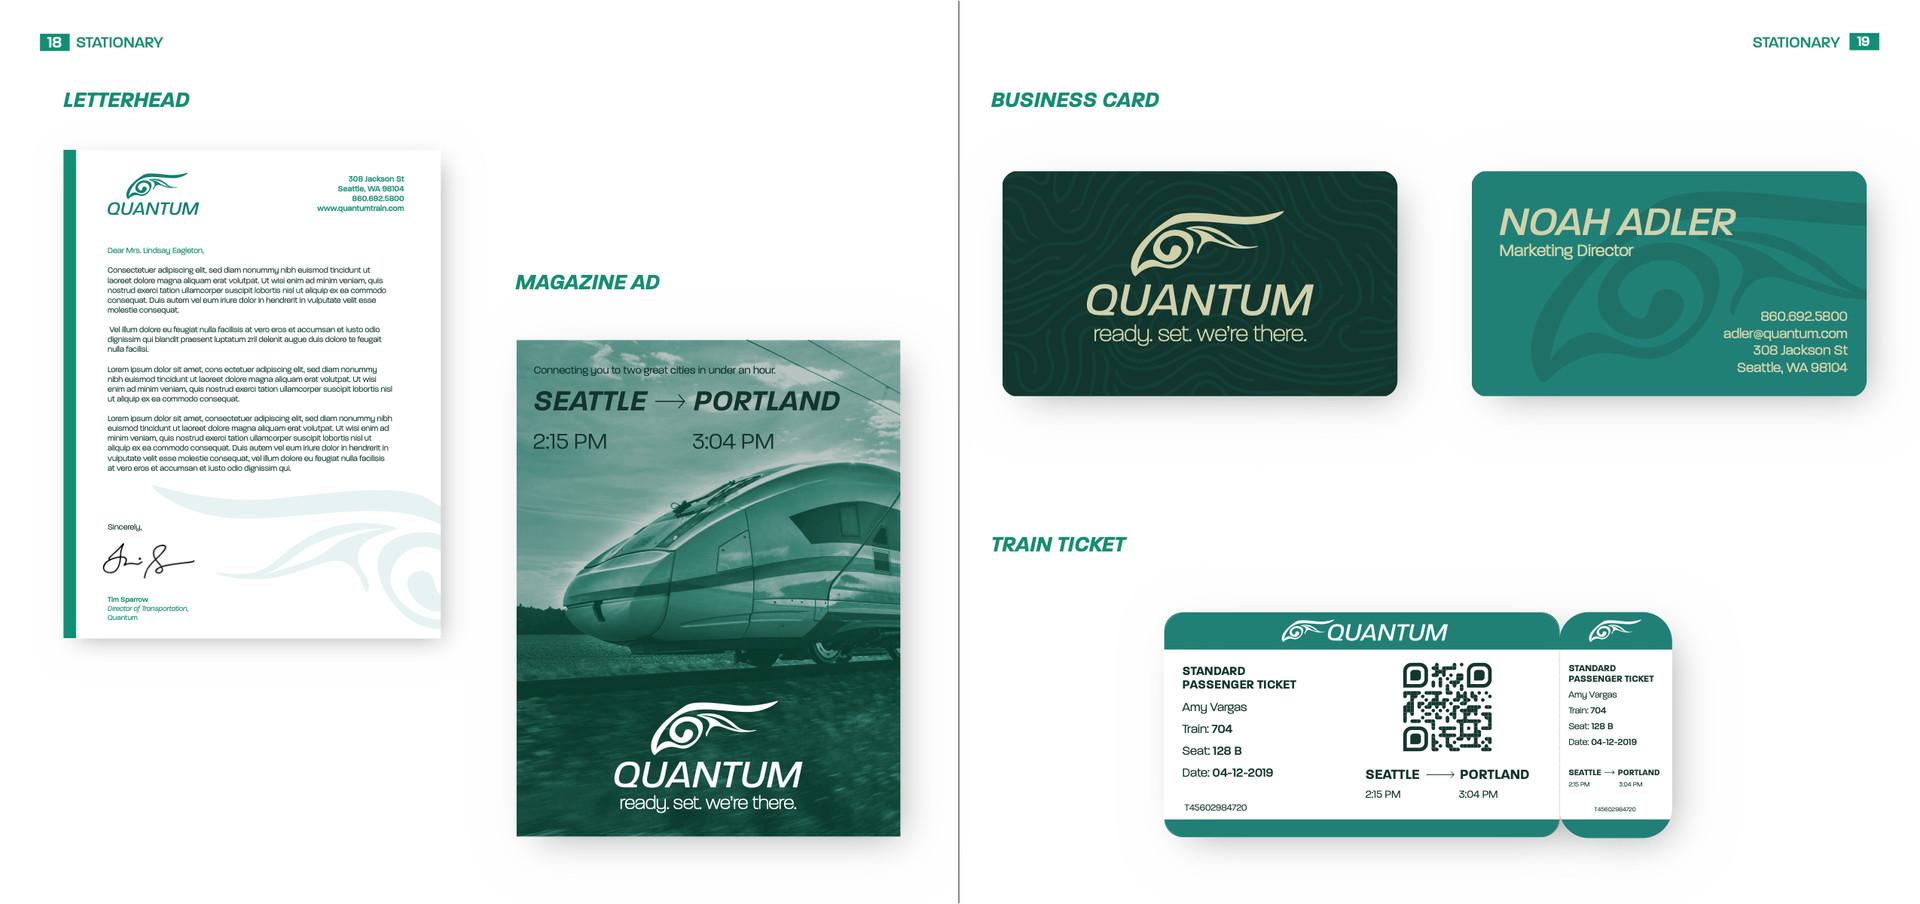 QUANTUM-branding-manual-18-19.jpg